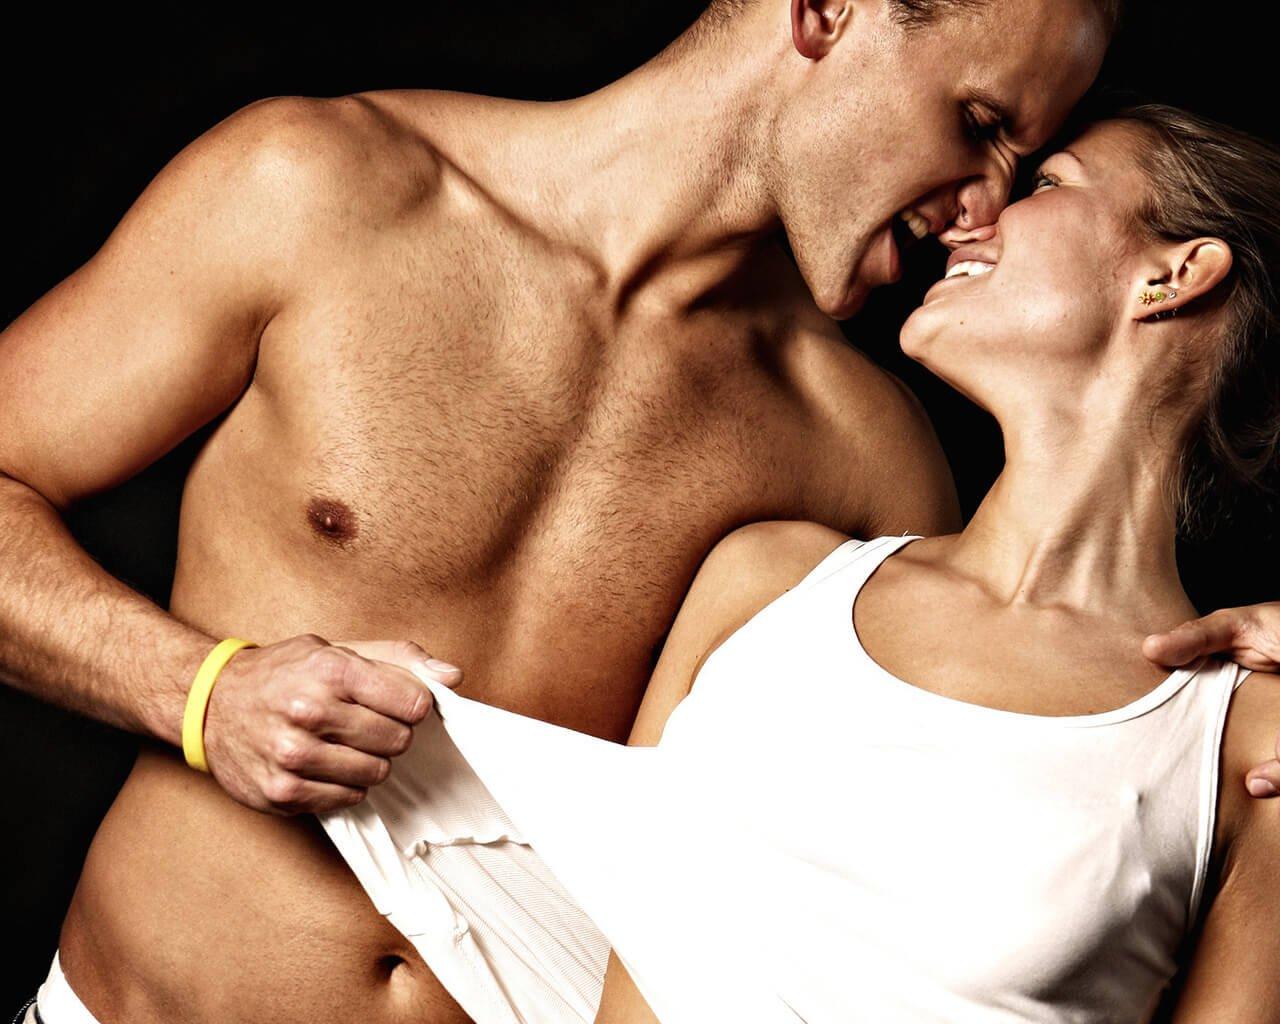 Типы сексуальных отношений, Типы сексуальных отношений. Хиромантия 1 фотография